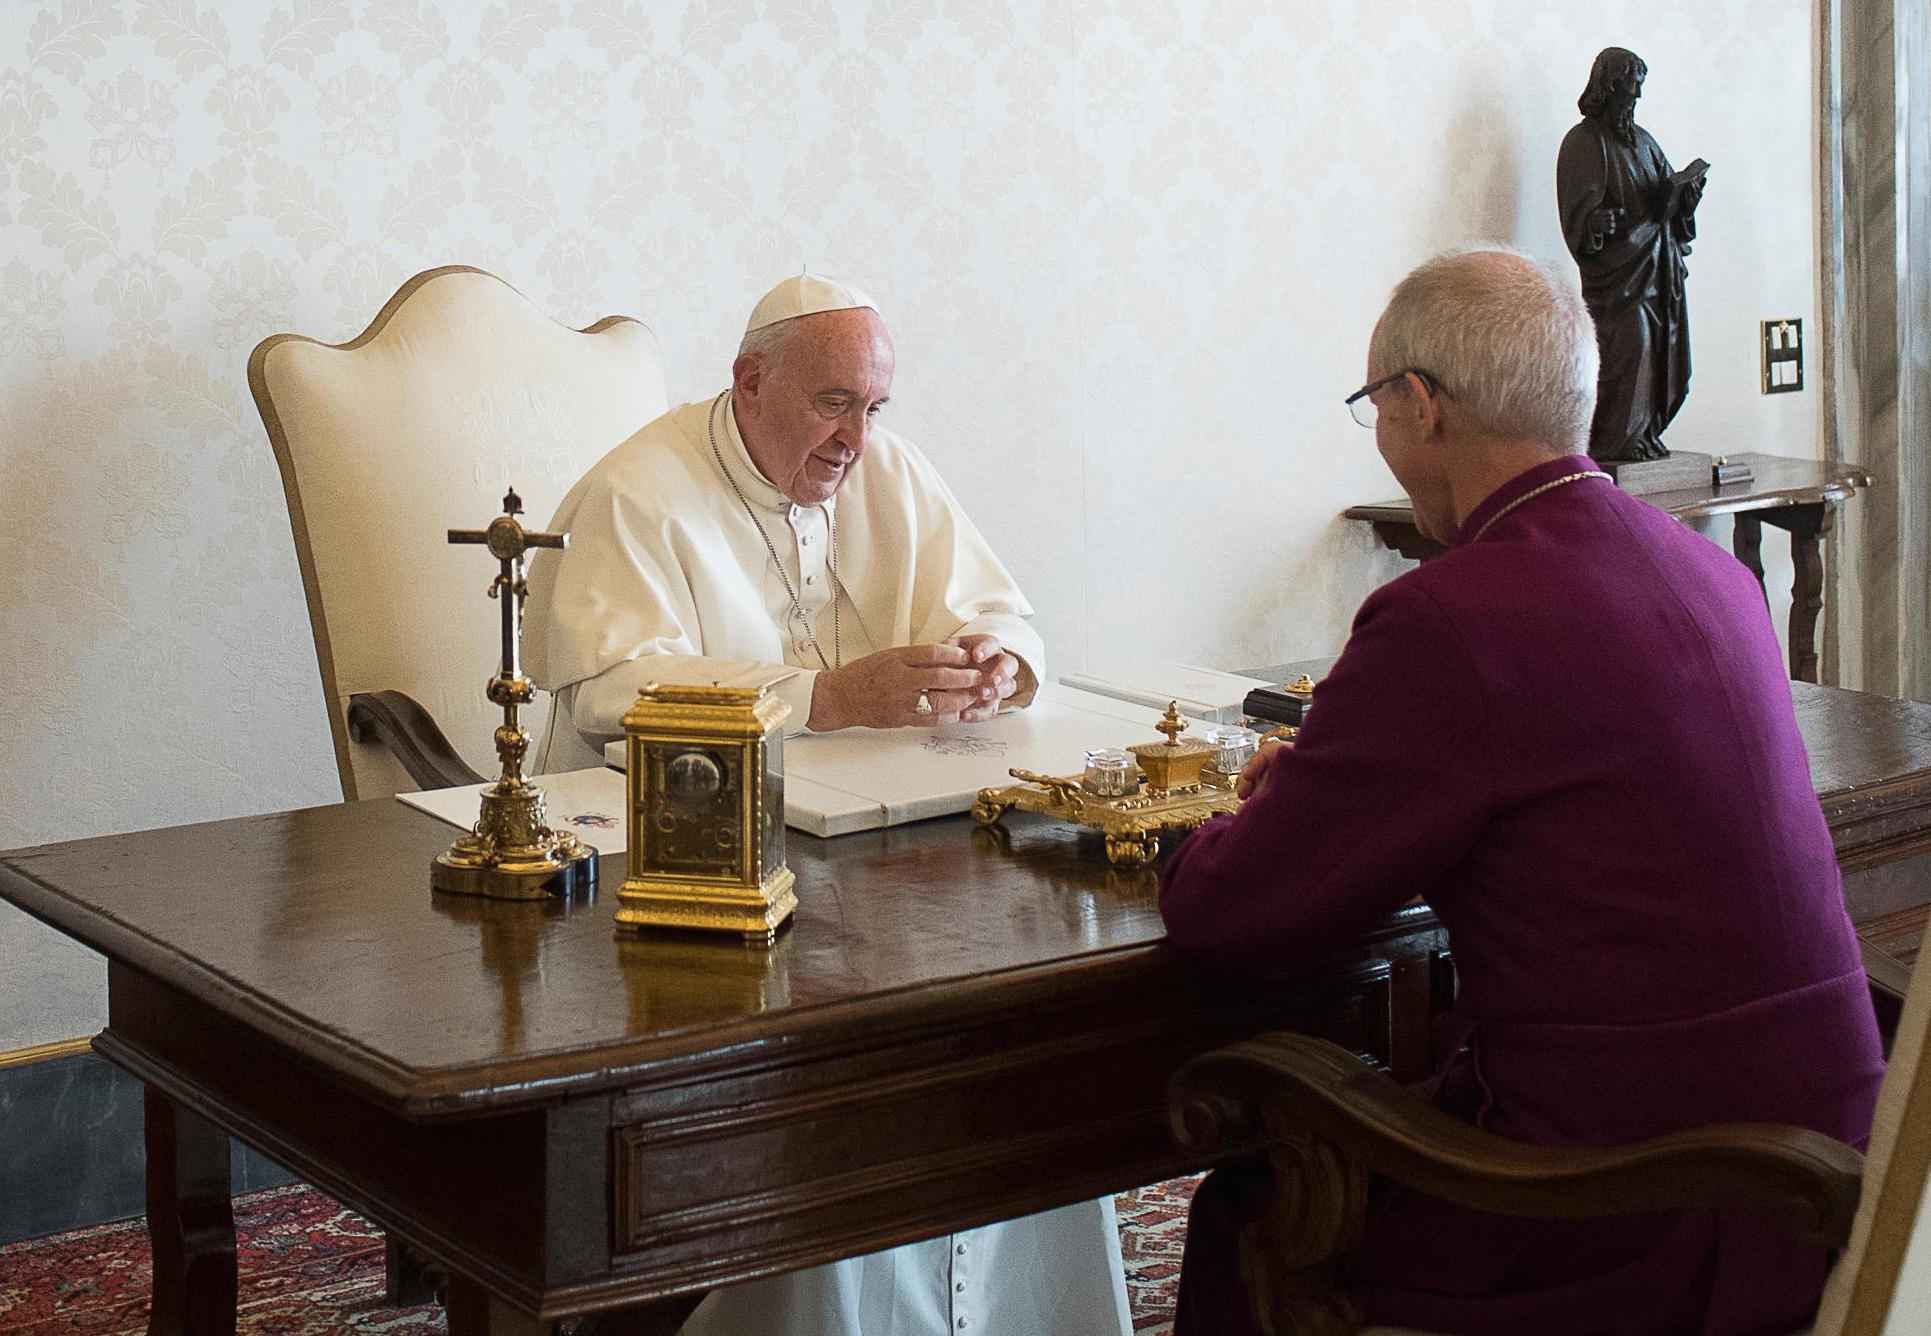 El Papa recibe en audiencia privada al arzobispo anglicano Welby (Foto © Osservatore Romano)